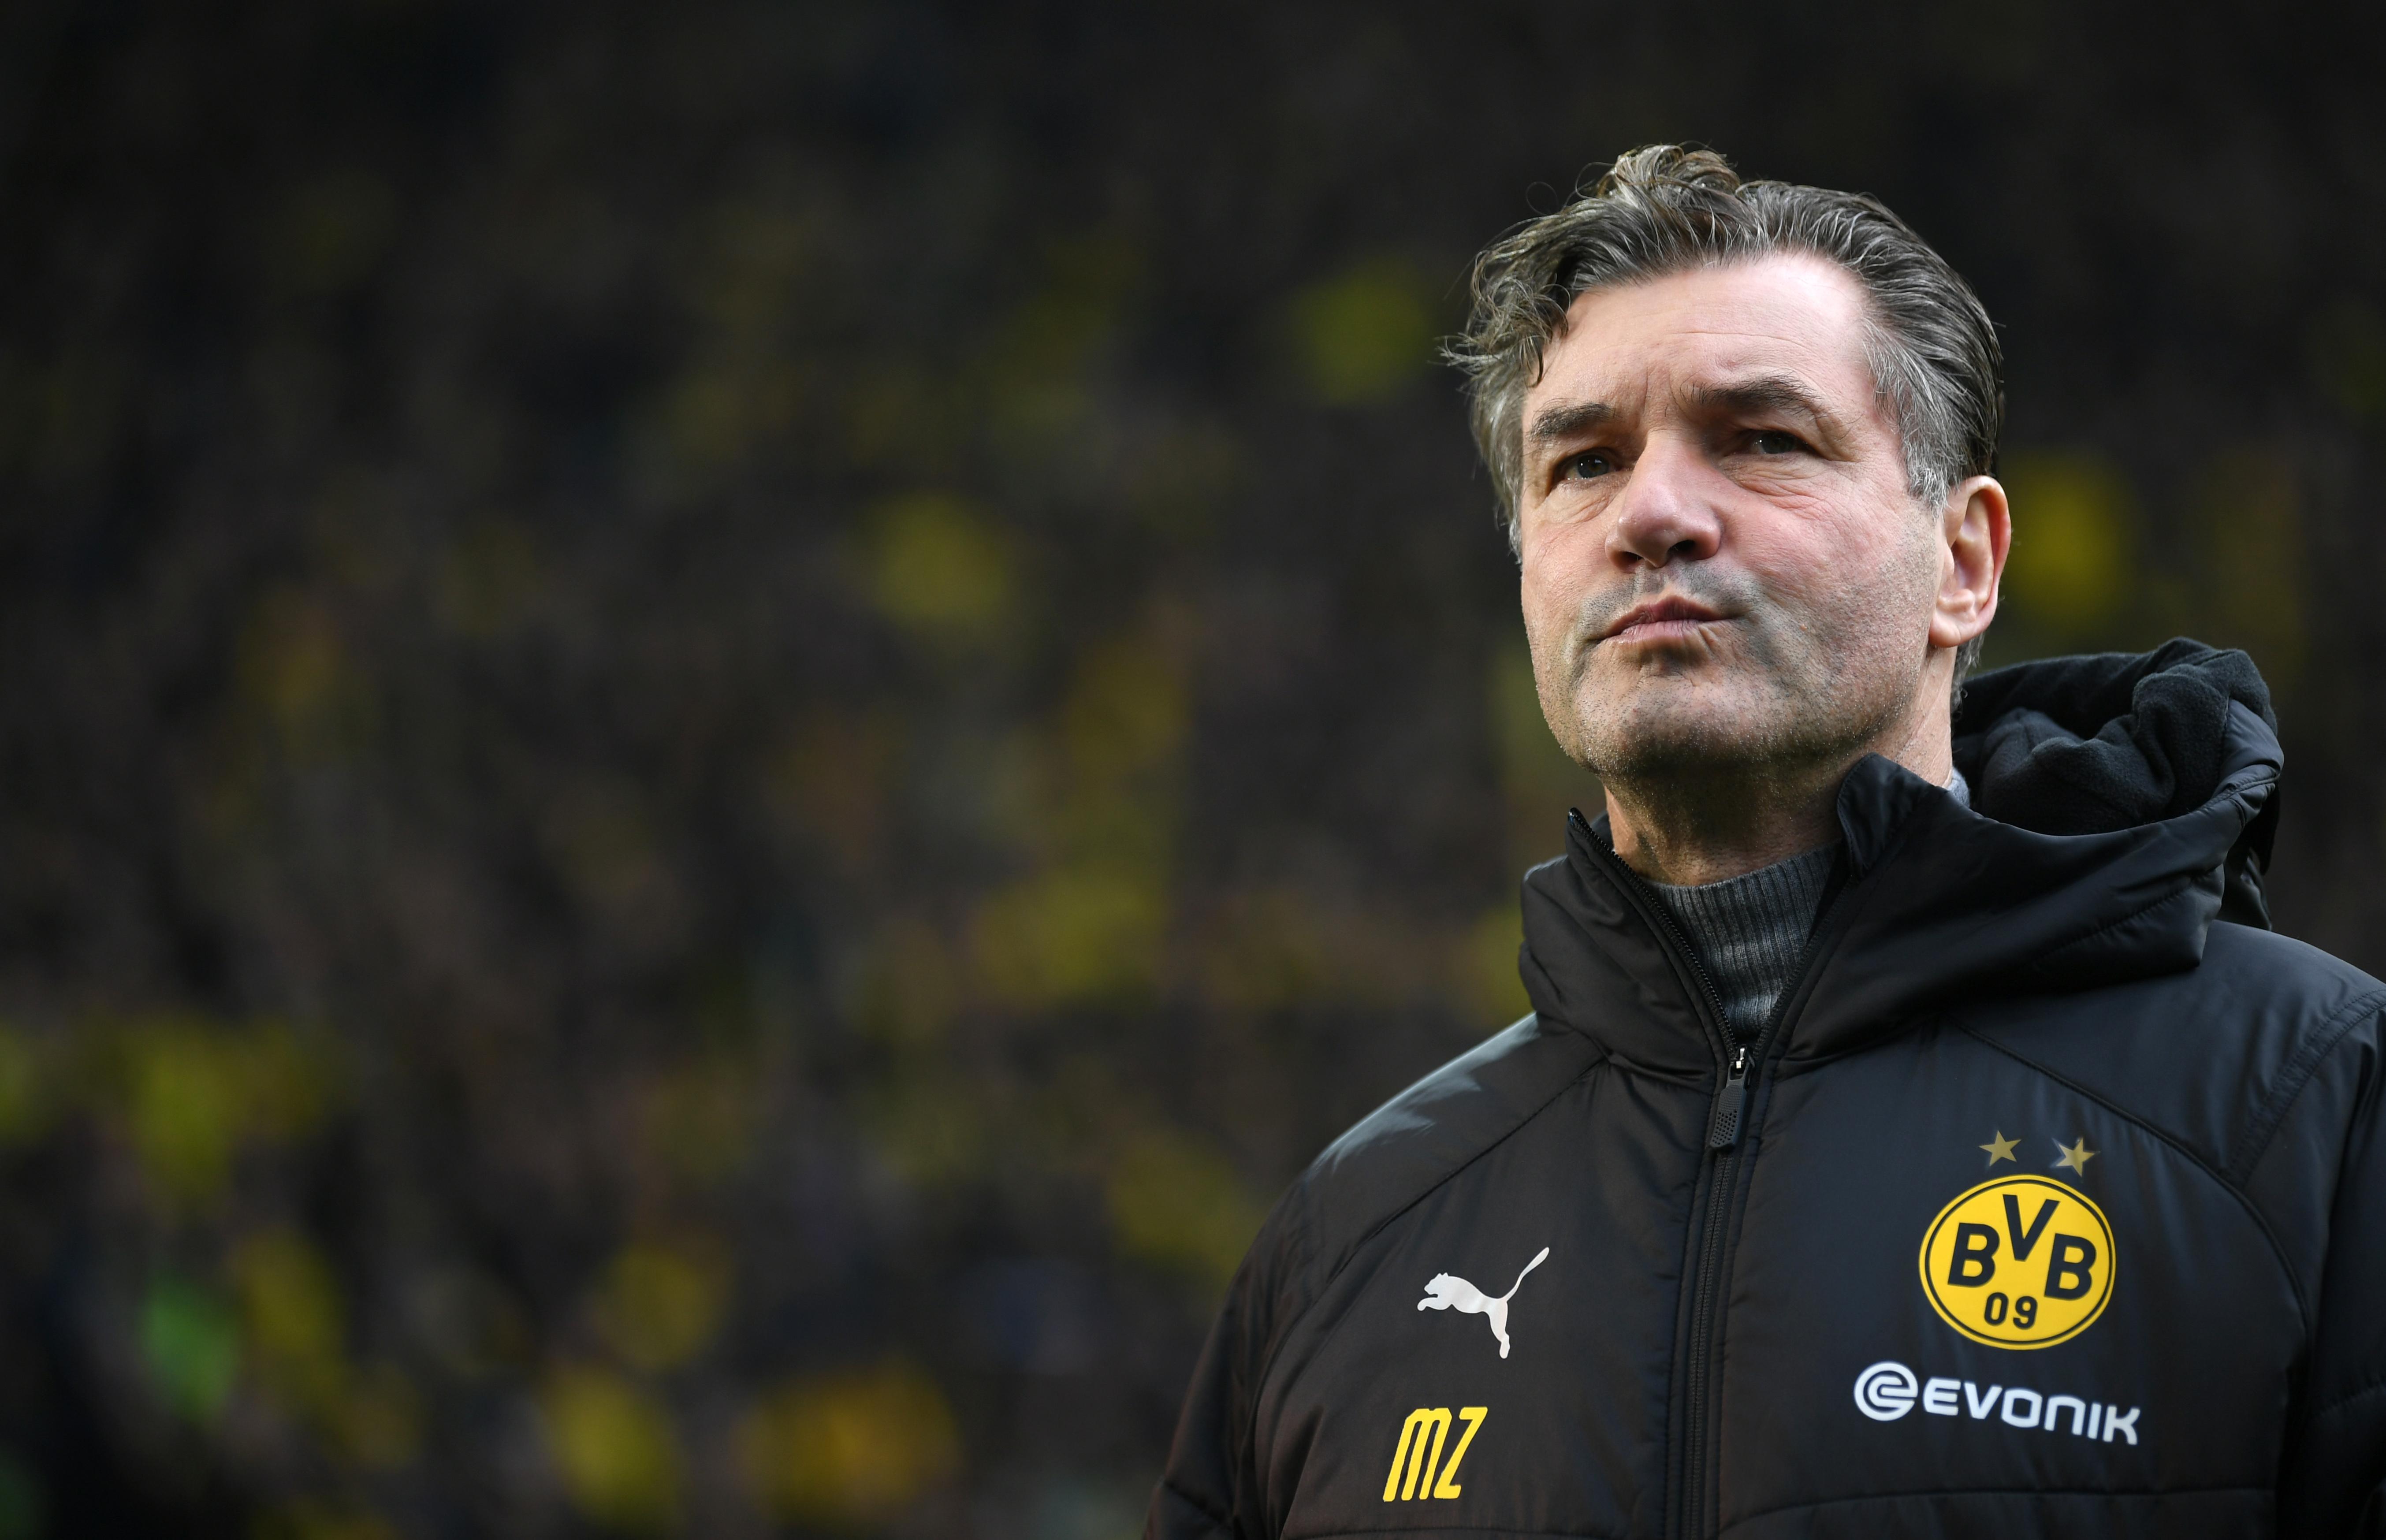 Mega-Streichliste beim BVB: Auf Michael Zorc kommt offenbar viel Arbeit zu.